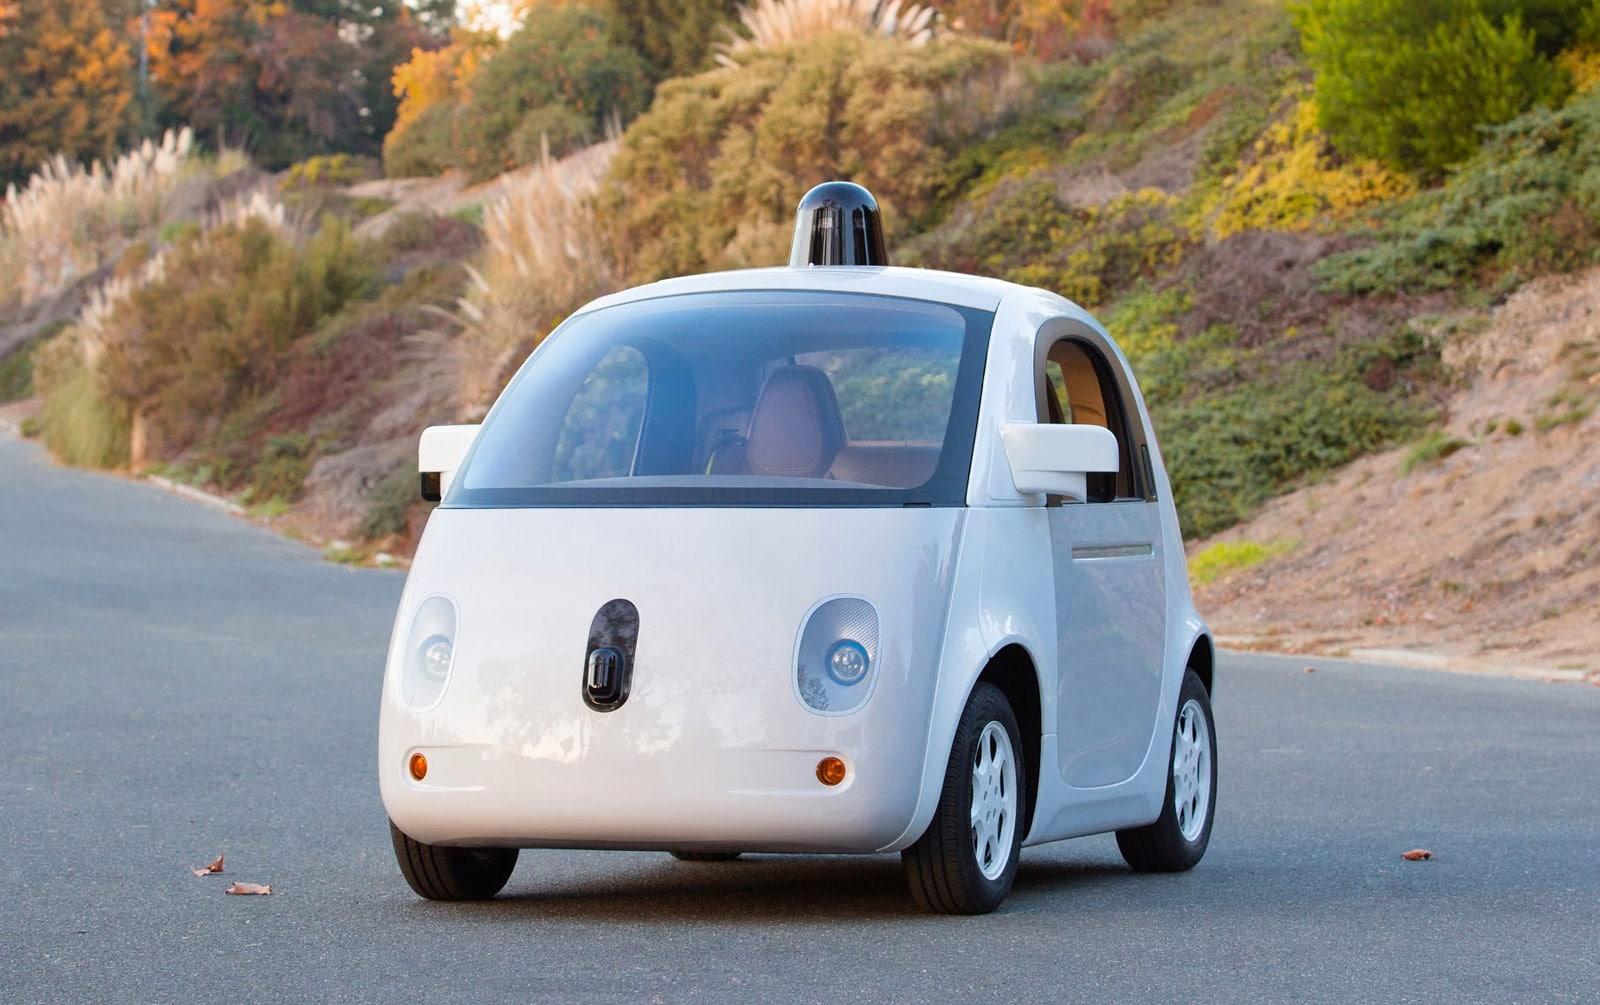 Google quiere mejorar los estándares de seguridad  de su automóvil autónomo con las pruebas.